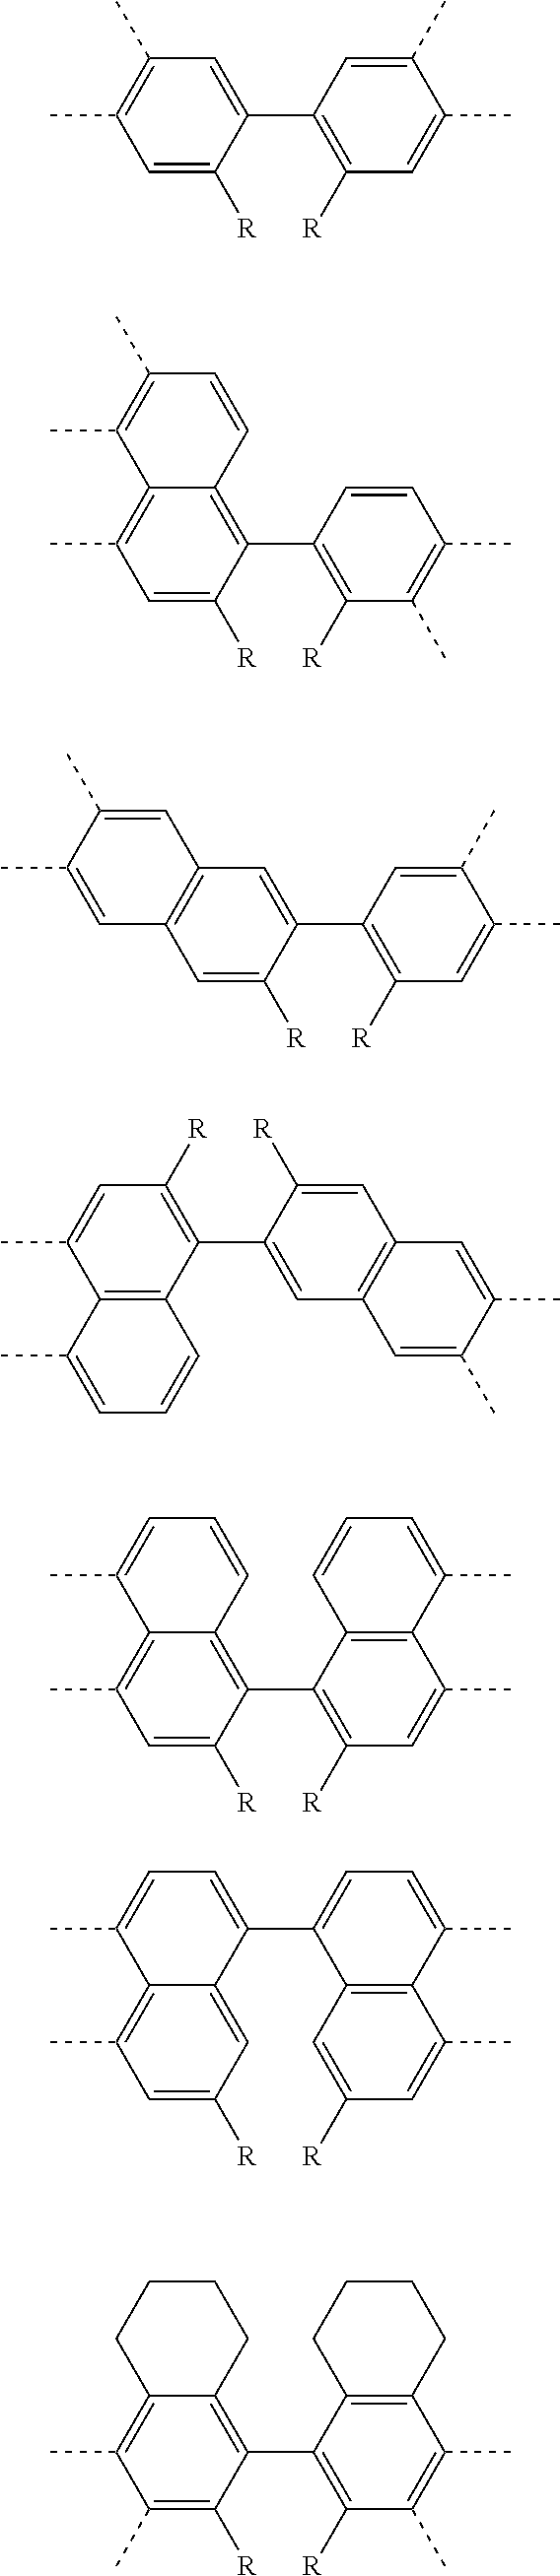 Figure US08063399-20111122-C00061